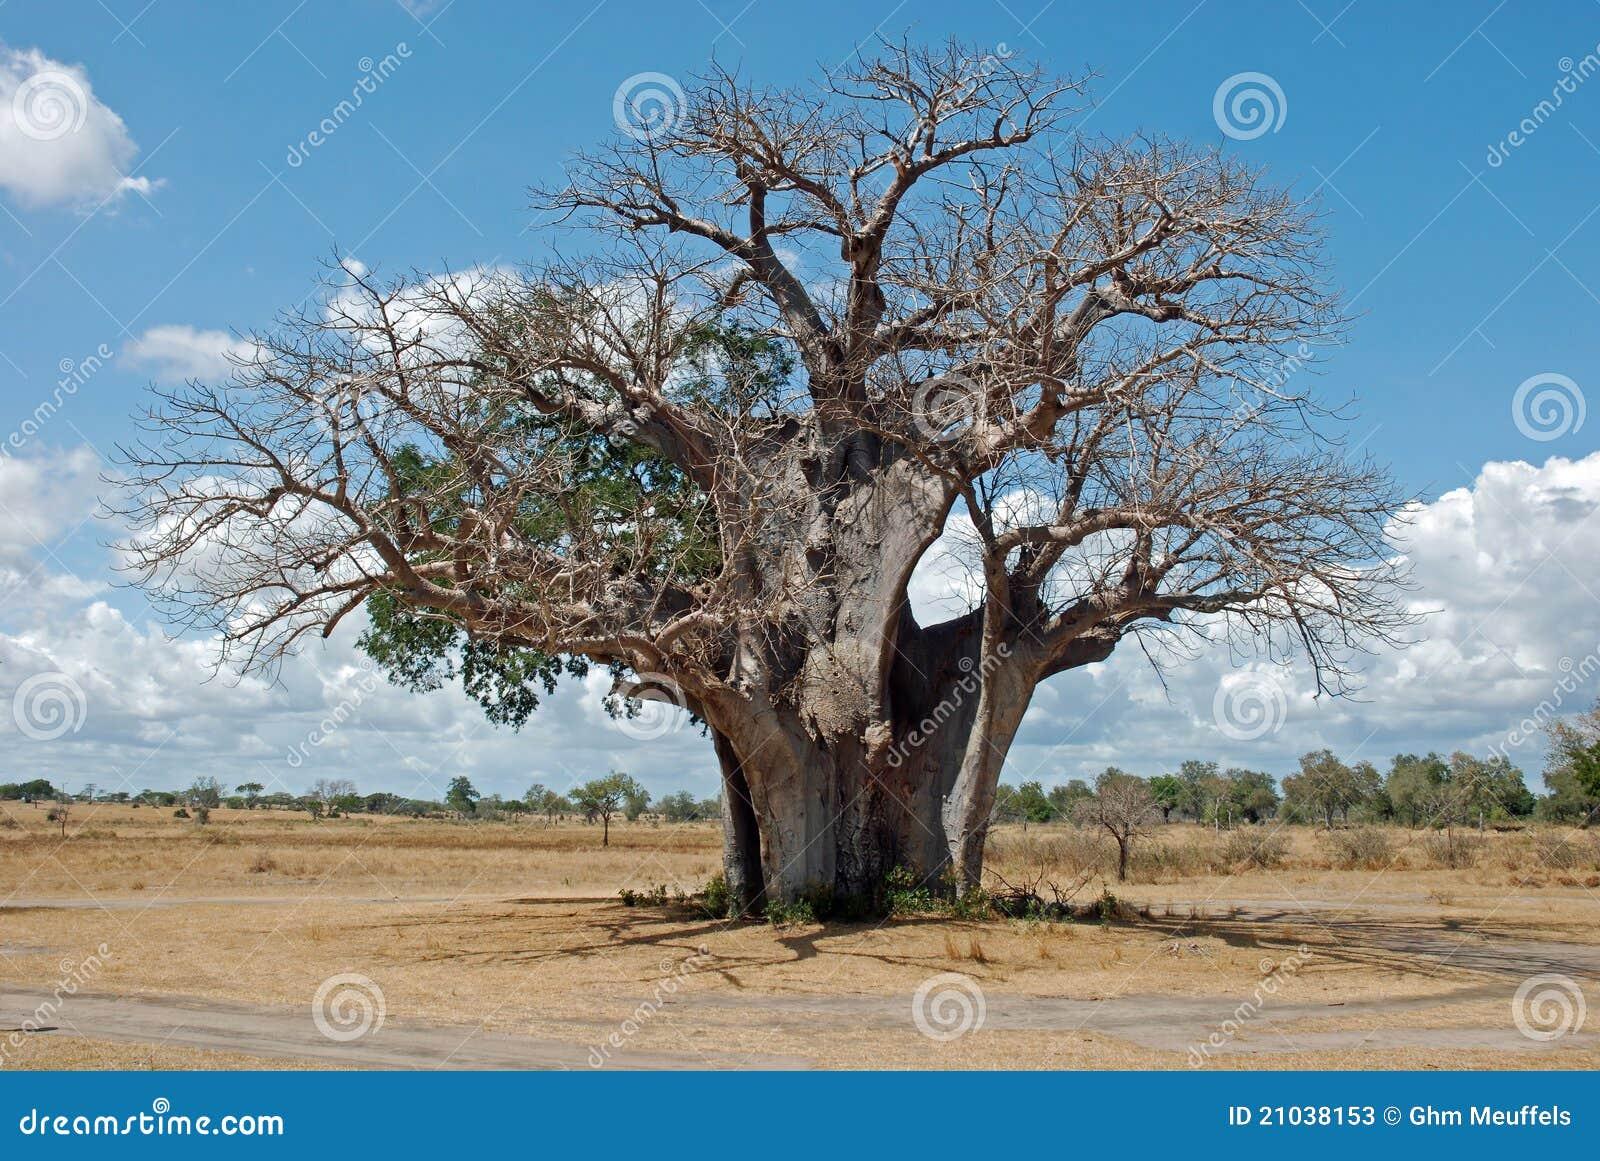 Baobab tree in dry African savanna - Tanzania